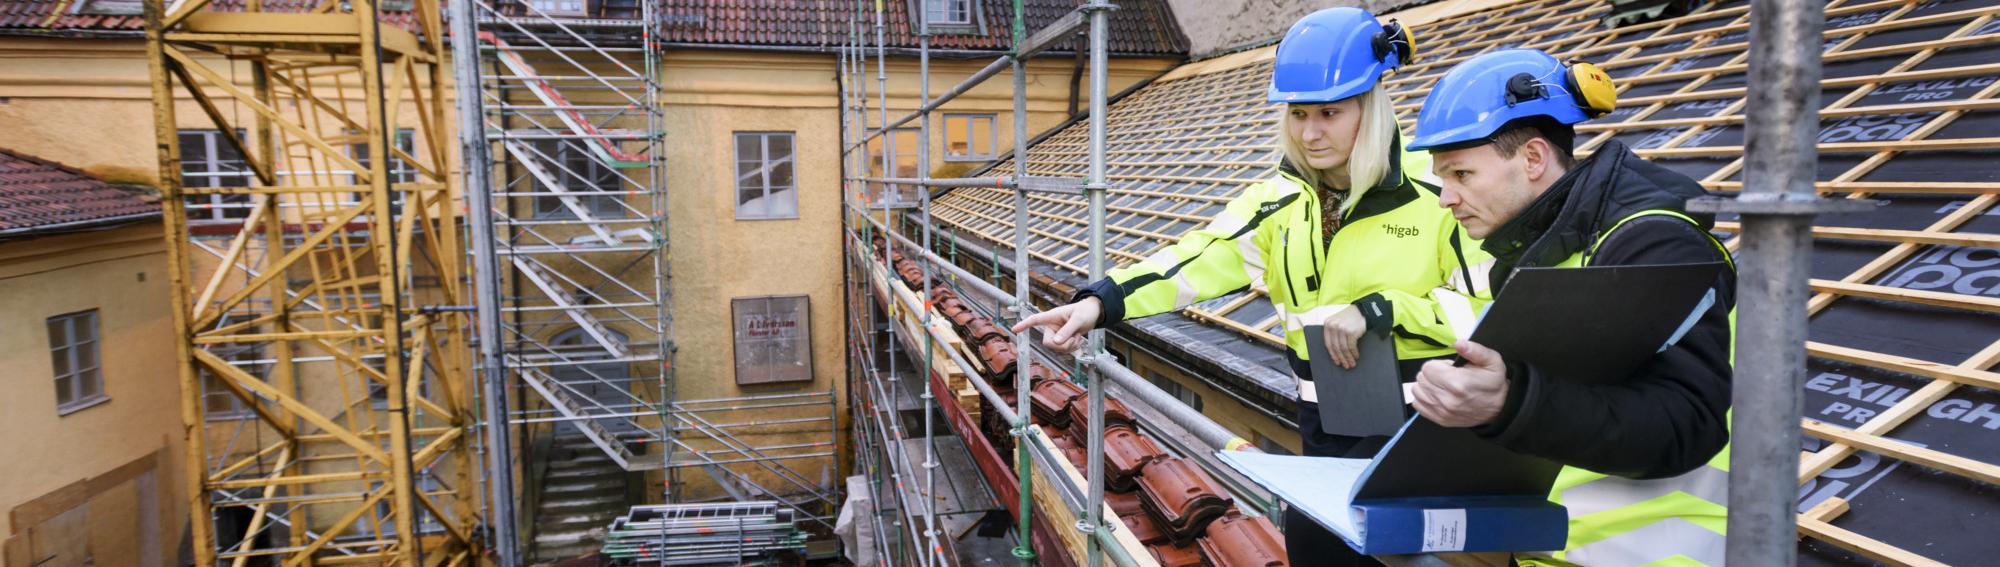 Två Higab-medarbetare tittar ut över byggarbetsplats.